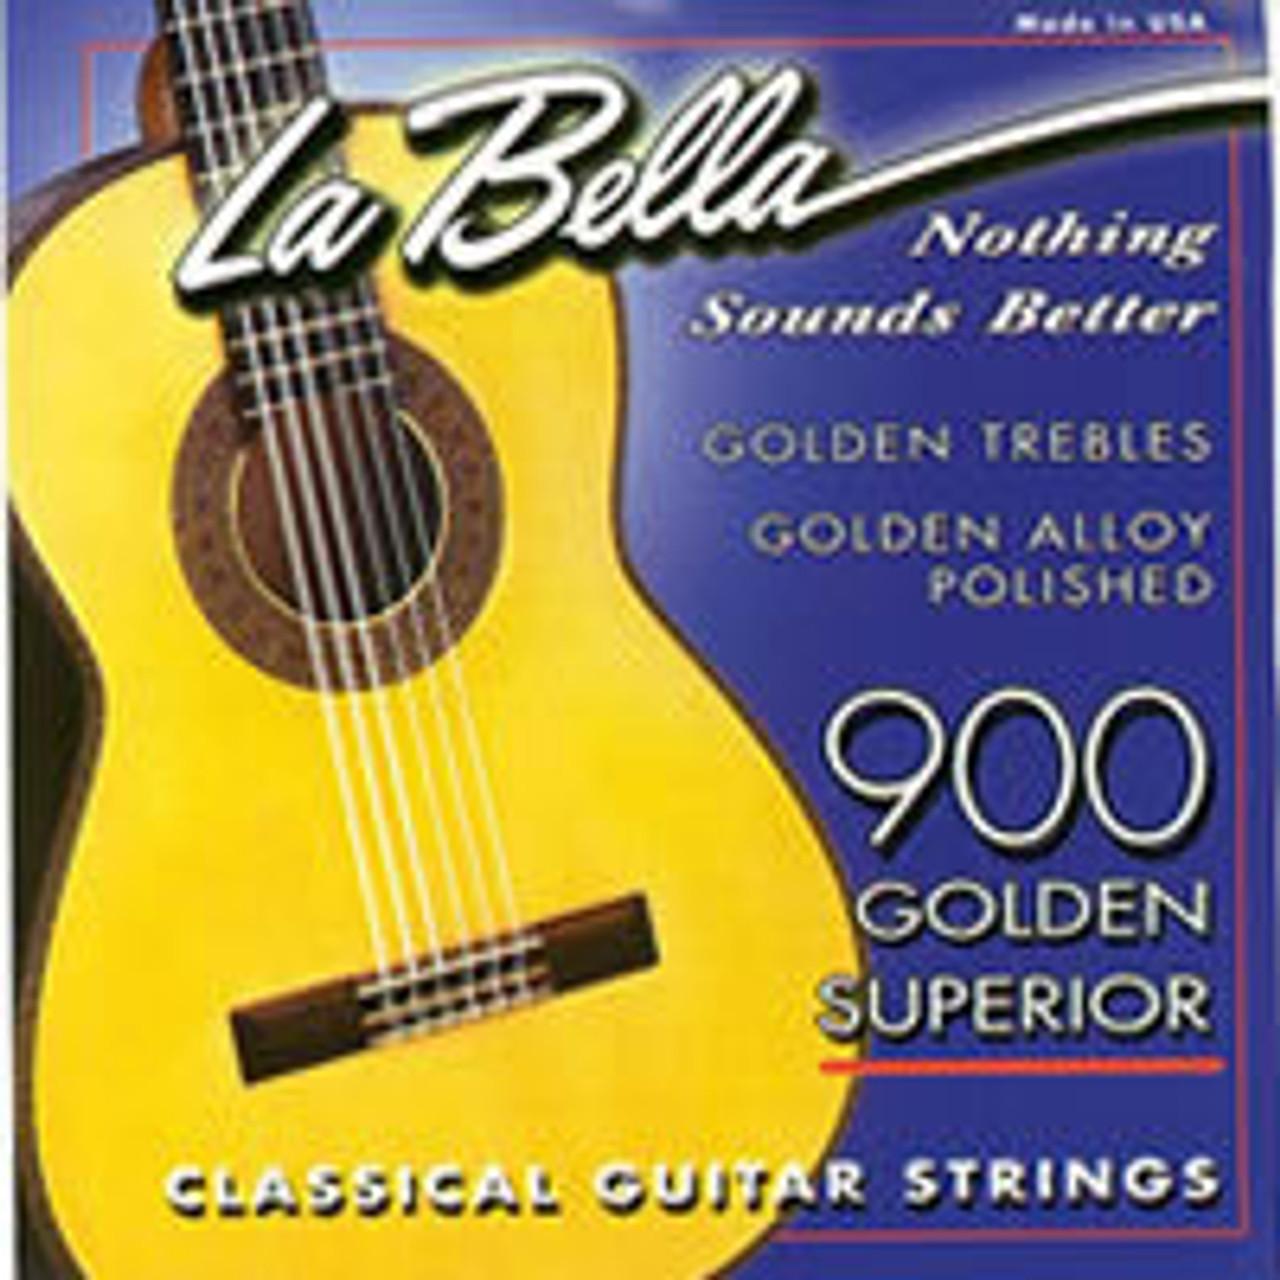 La Bella Golden Superior Classical Guitar Strings